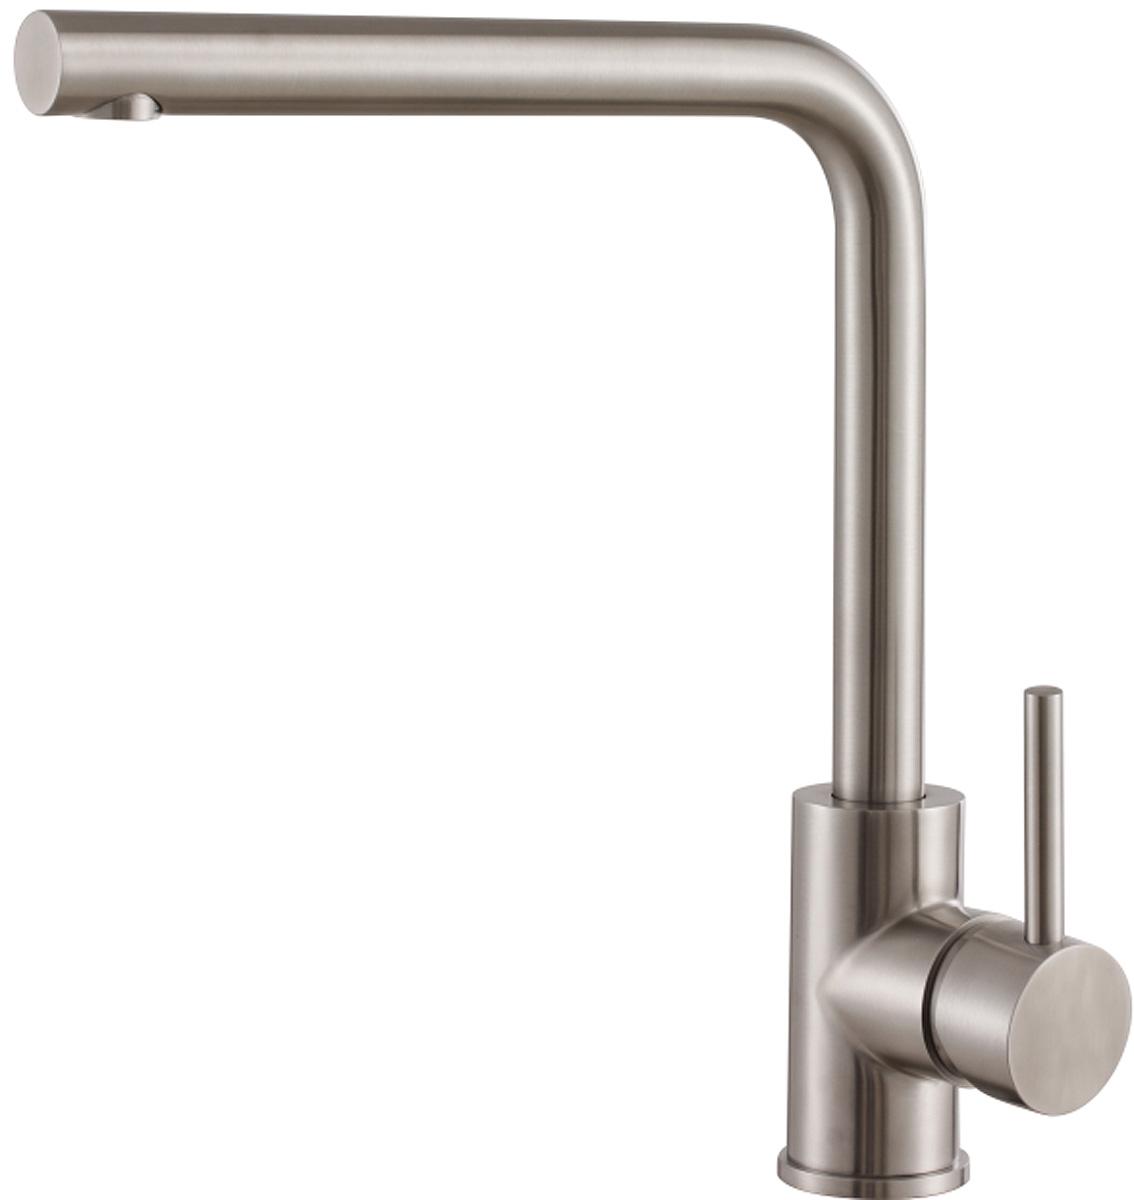 Смеситель для кухонной мойки РМС, вертикальный, цвет: серебристый. SL124-017F-1 смеситель ростовская мануфактура сантехники рмс с длинным поворотным изливом sl77bl 004fb 25